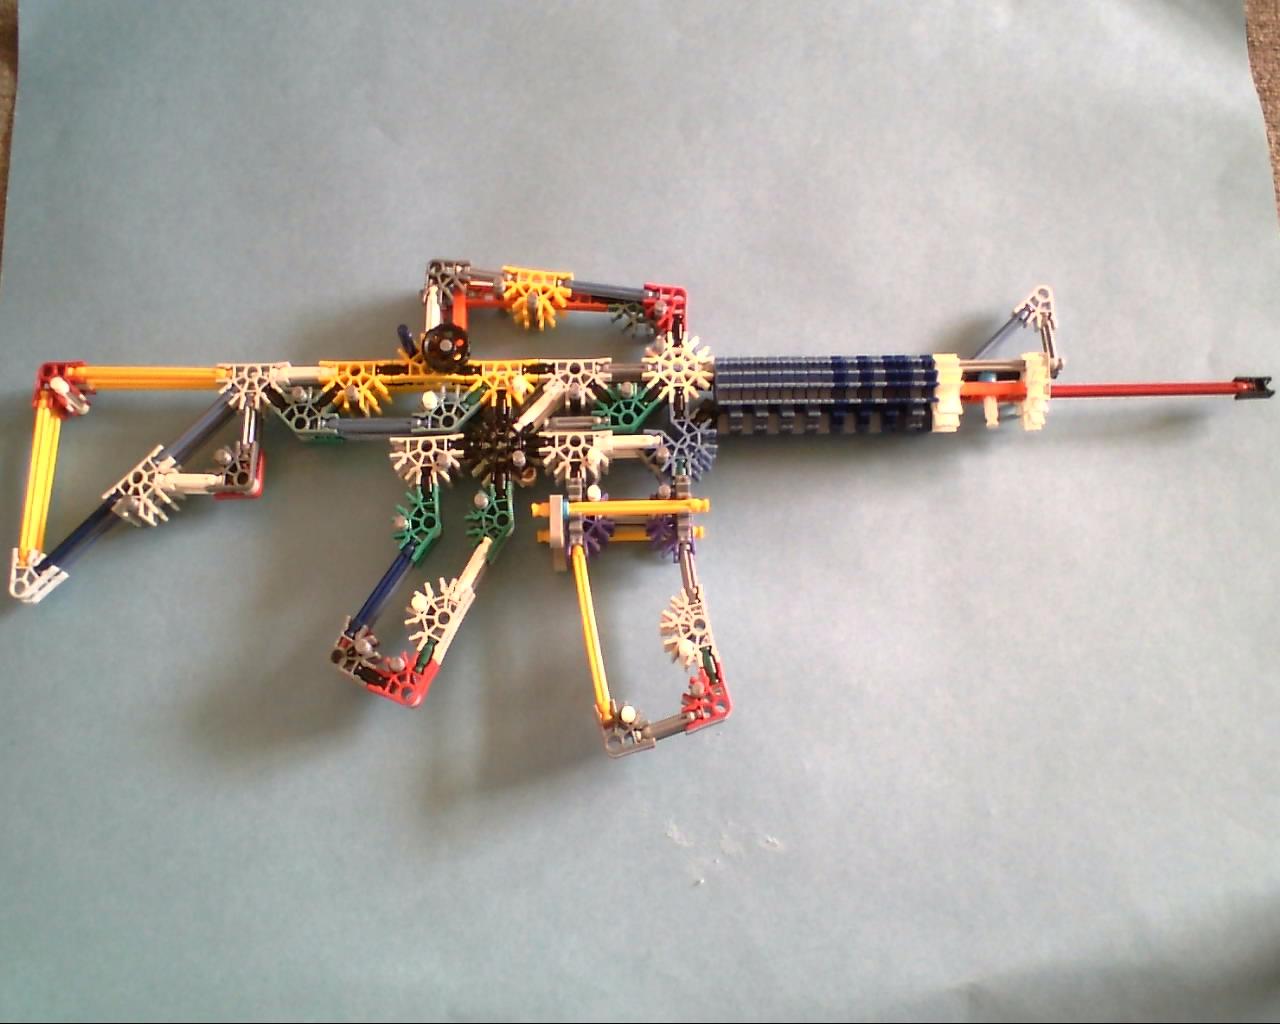 K'nex M4A1 Carbine